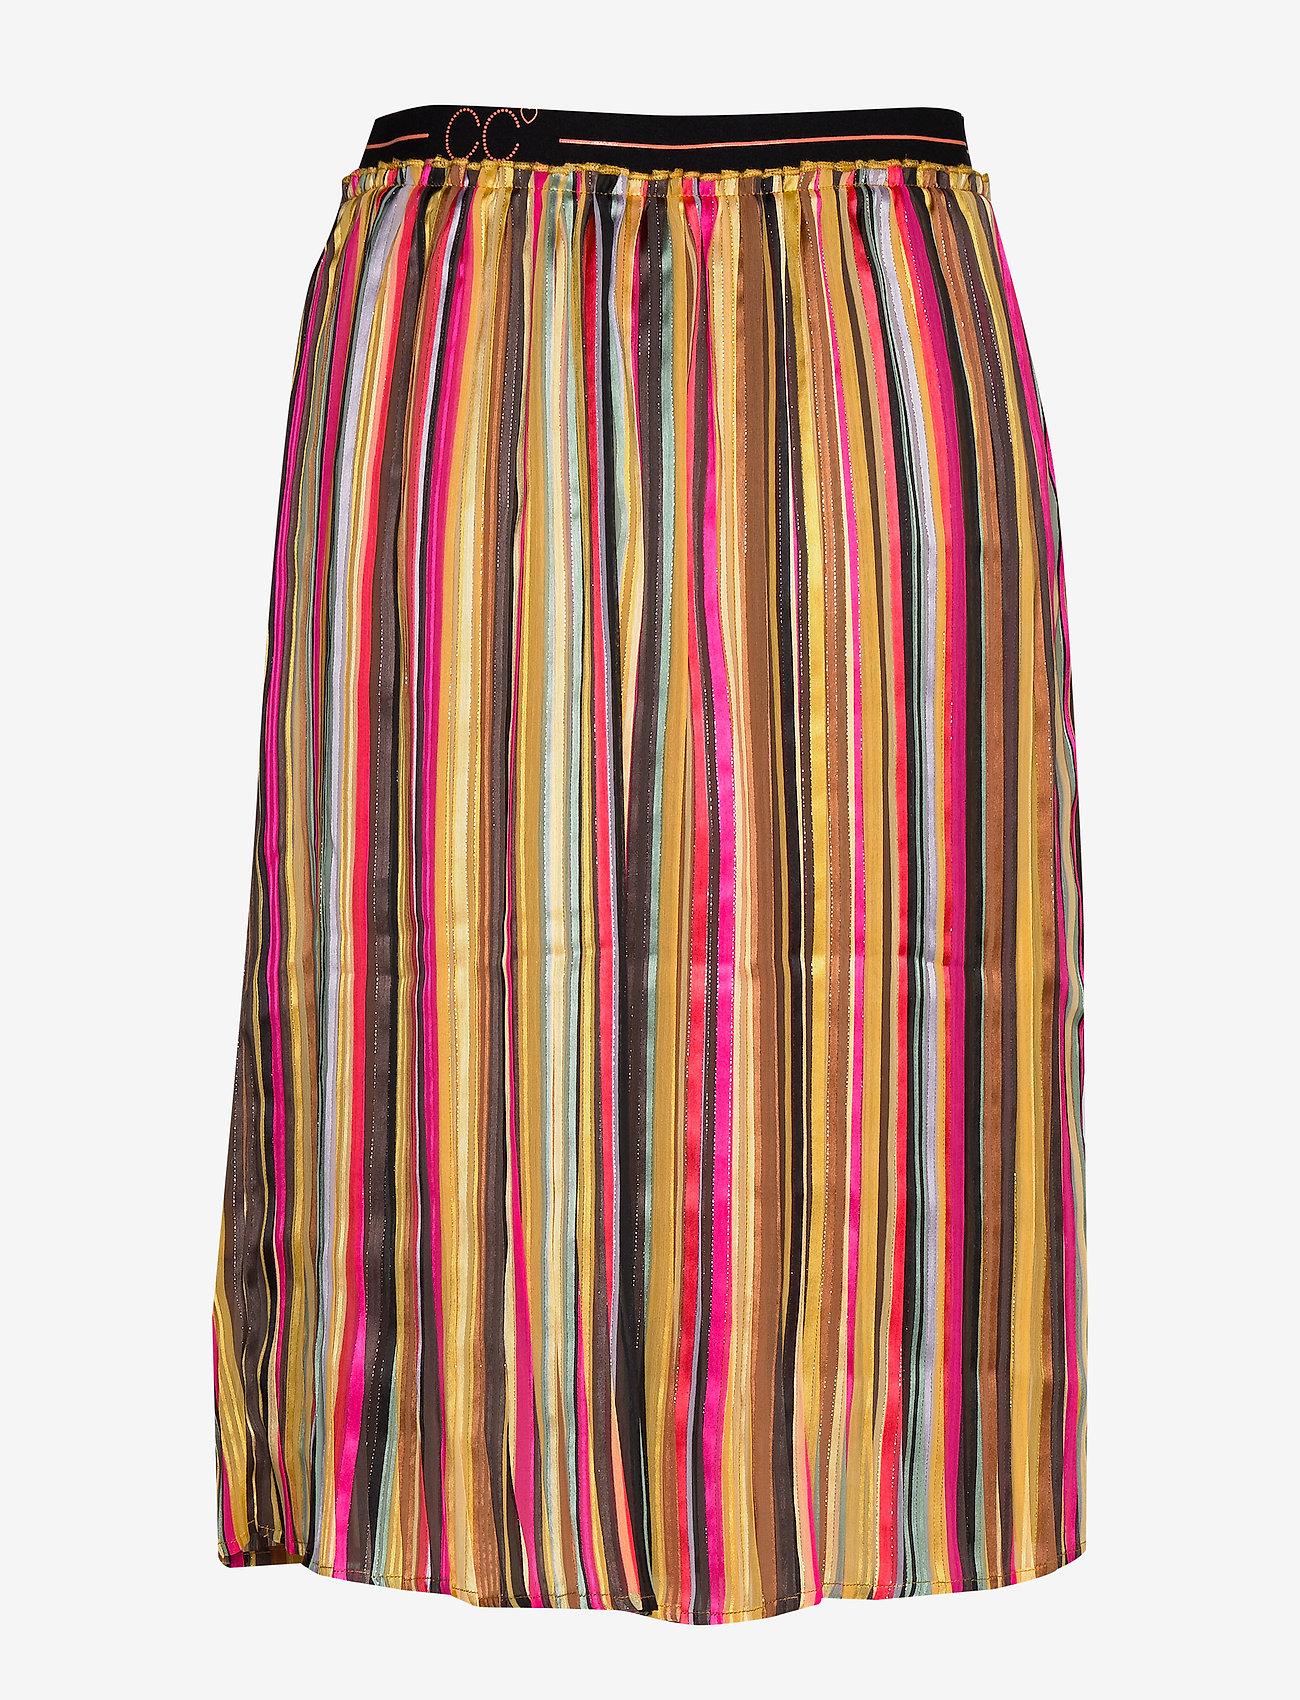 Coster Copenhagen - Skirt in plissé and multi color pri - midi - multi stripe print